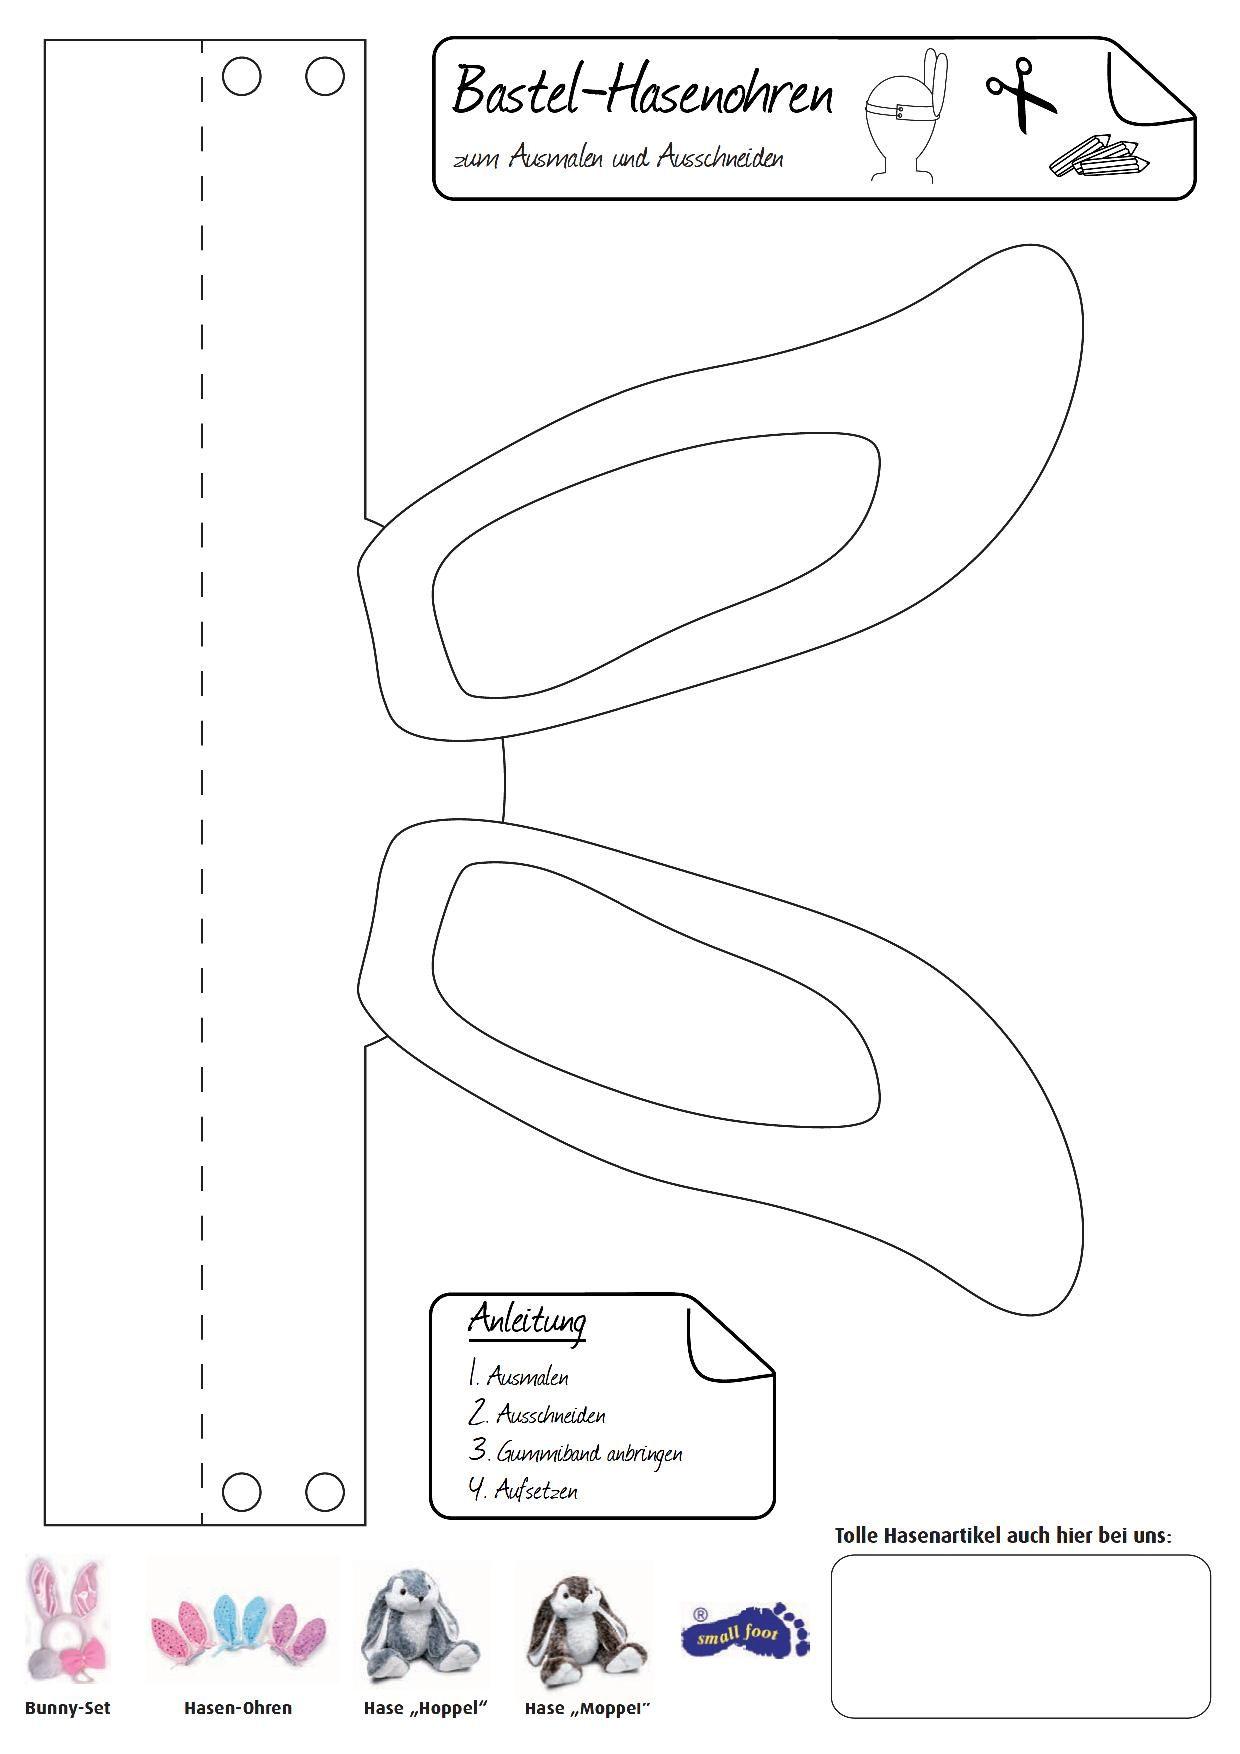 bastel hasenohren passend zum osterfest sind diese. Black Bedroom Furniture Sets. Home Design Ideas